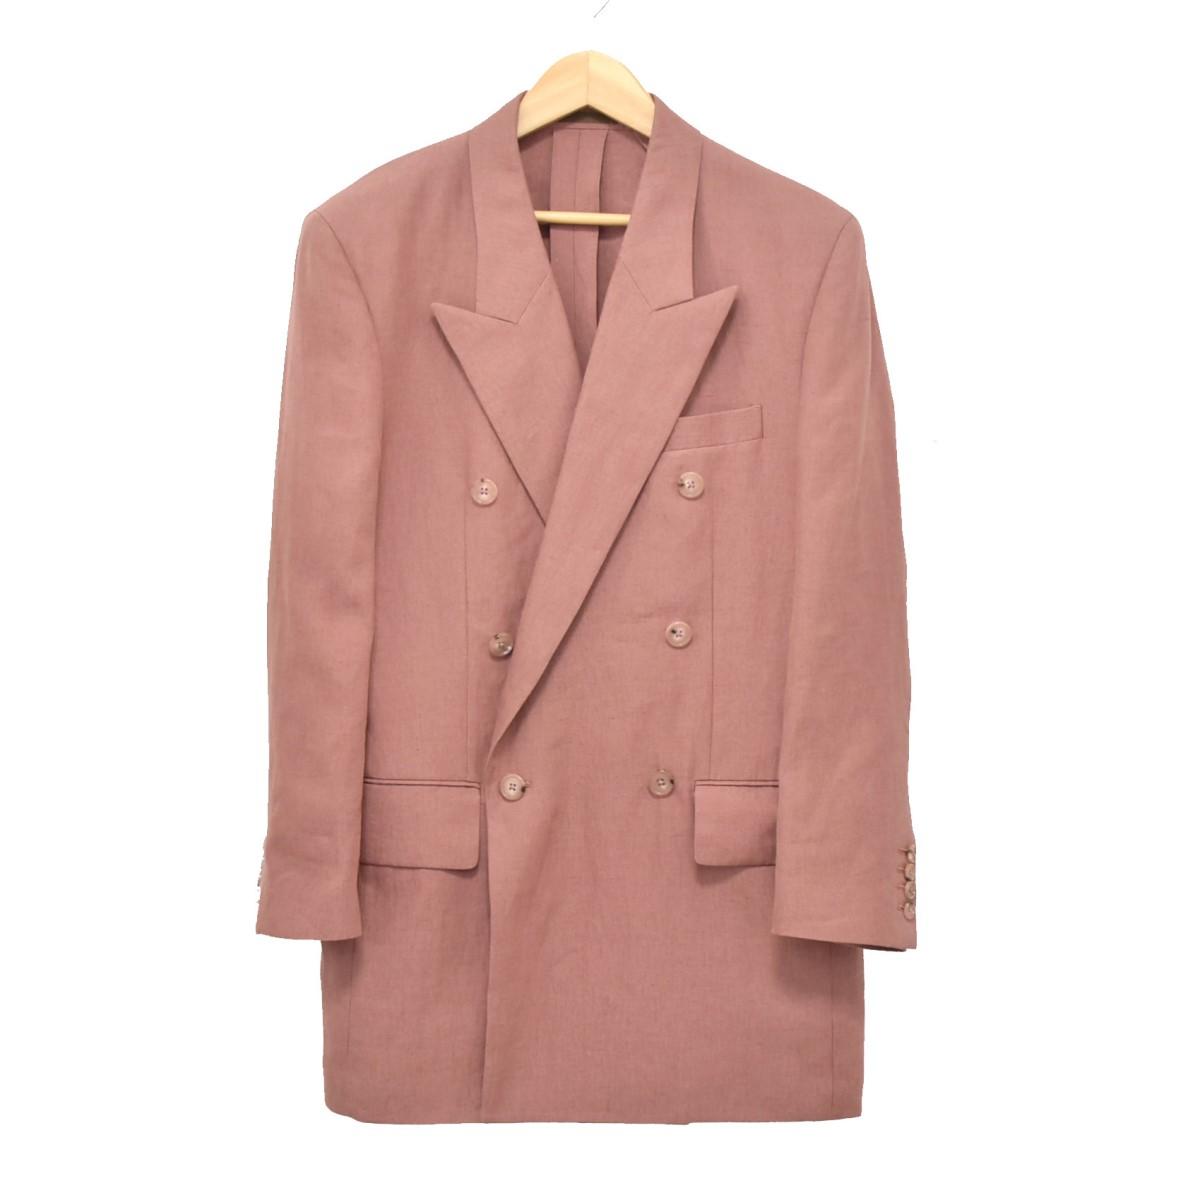 【中古】Paul Smith 20SS リネンダブルブレストジャケット ピンク サイズ:S 【010520】(ポールスミス)